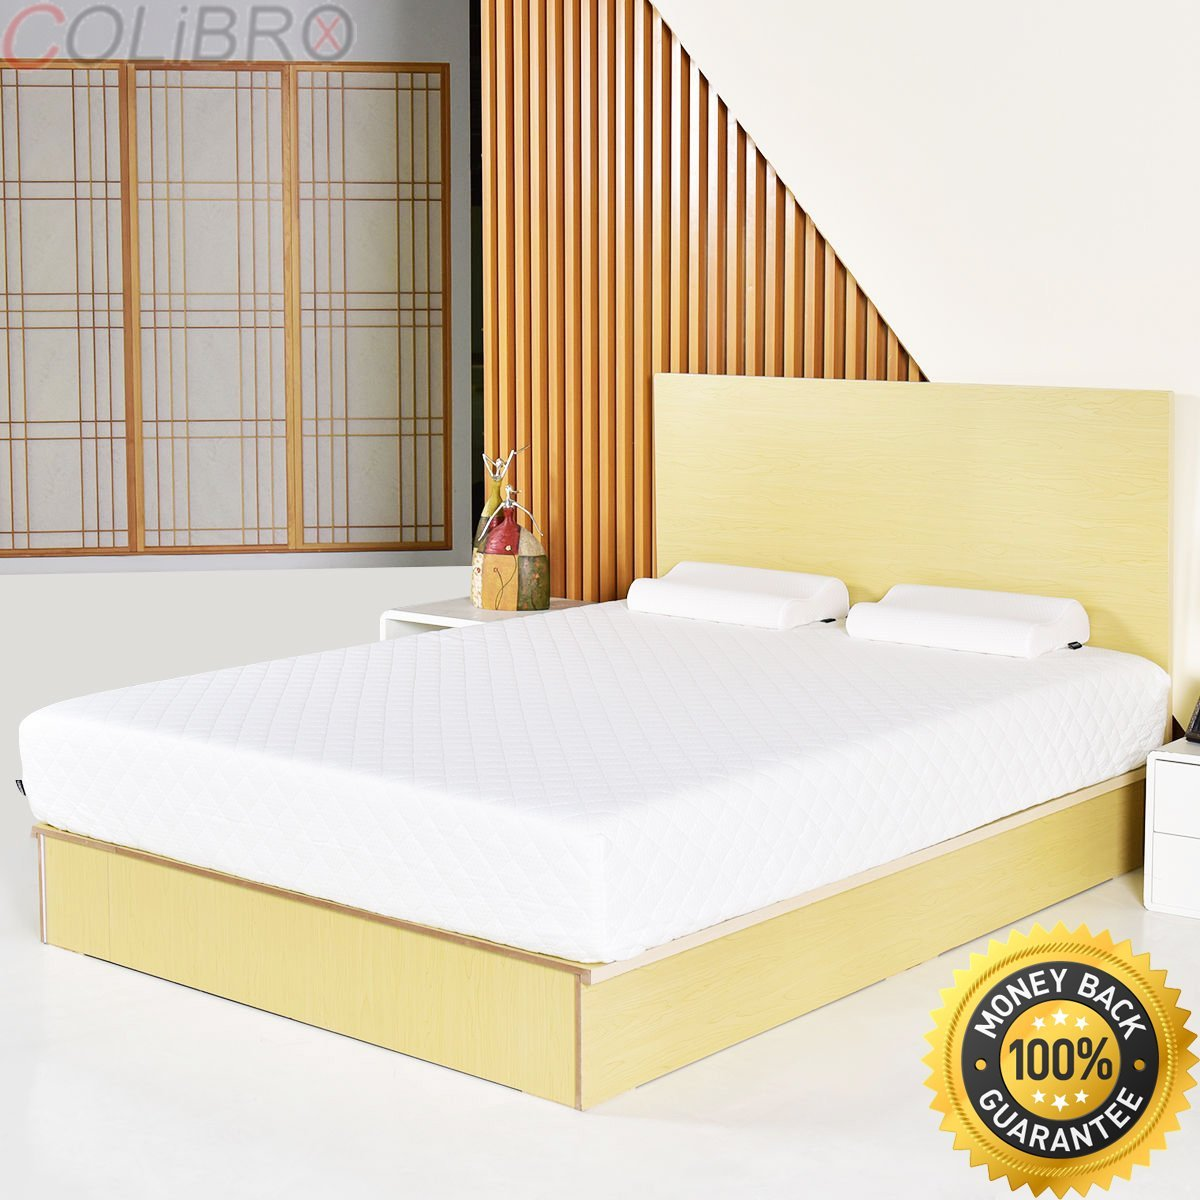 Cheap Sofa Bed Mattress Queen Find Sofa Bed Mattress Queen Deals On